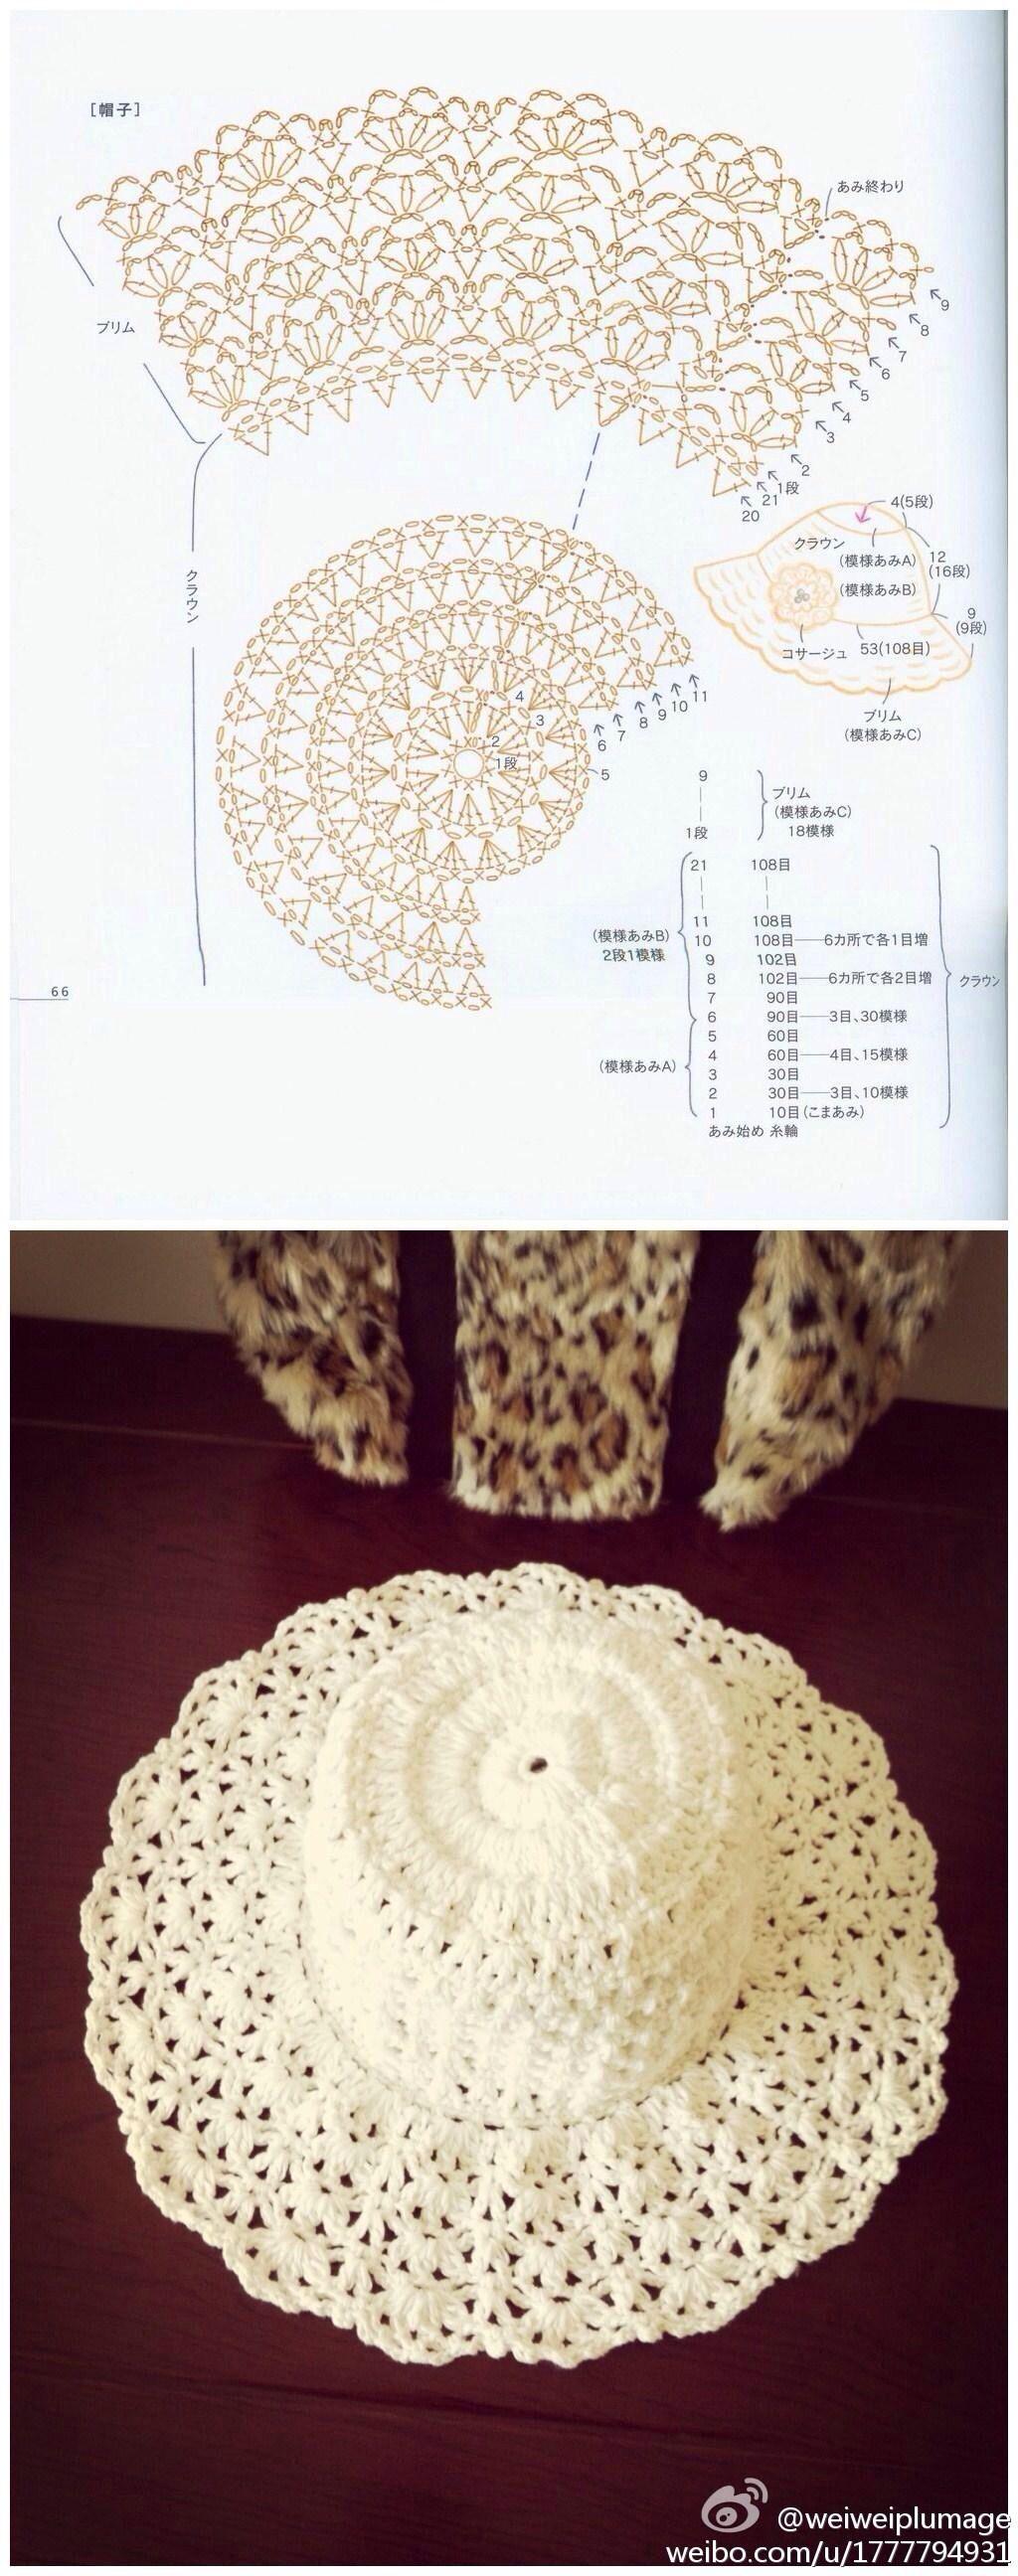 cappellino uncinetto | galeria | Pinterest | Gorros, Ganchillo y Tejido